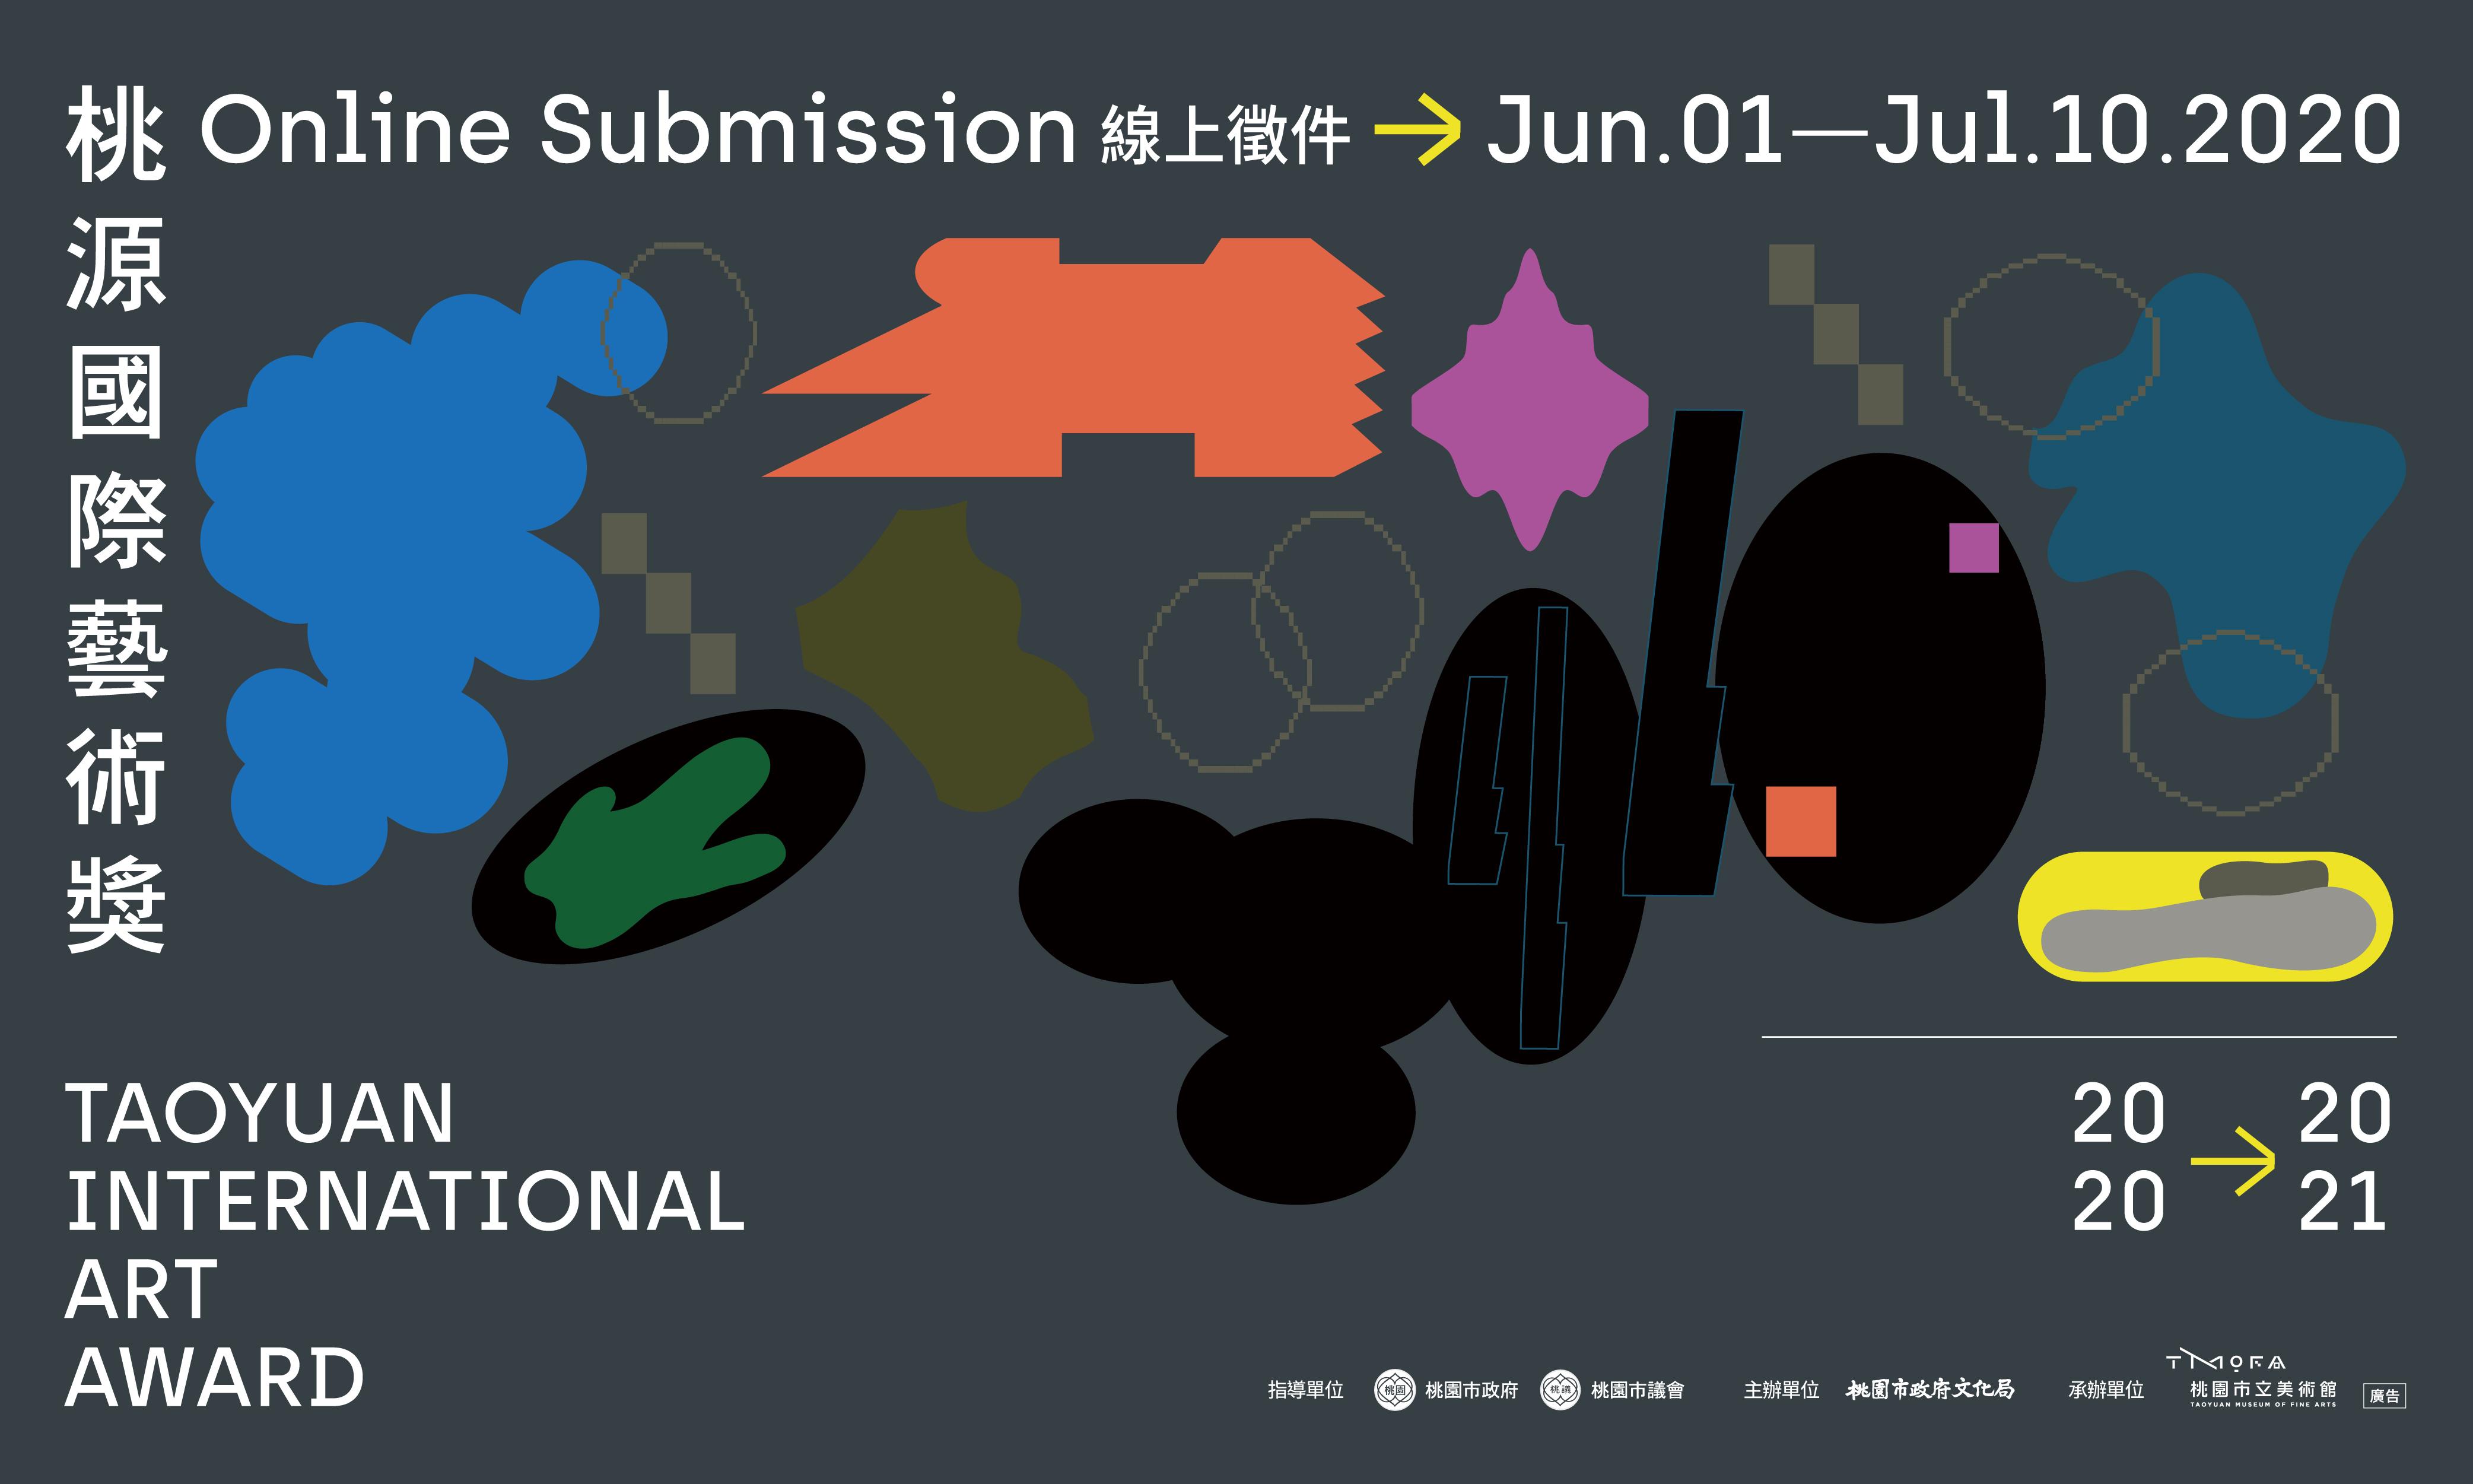 「2021桃源國際藝術獎」徵件